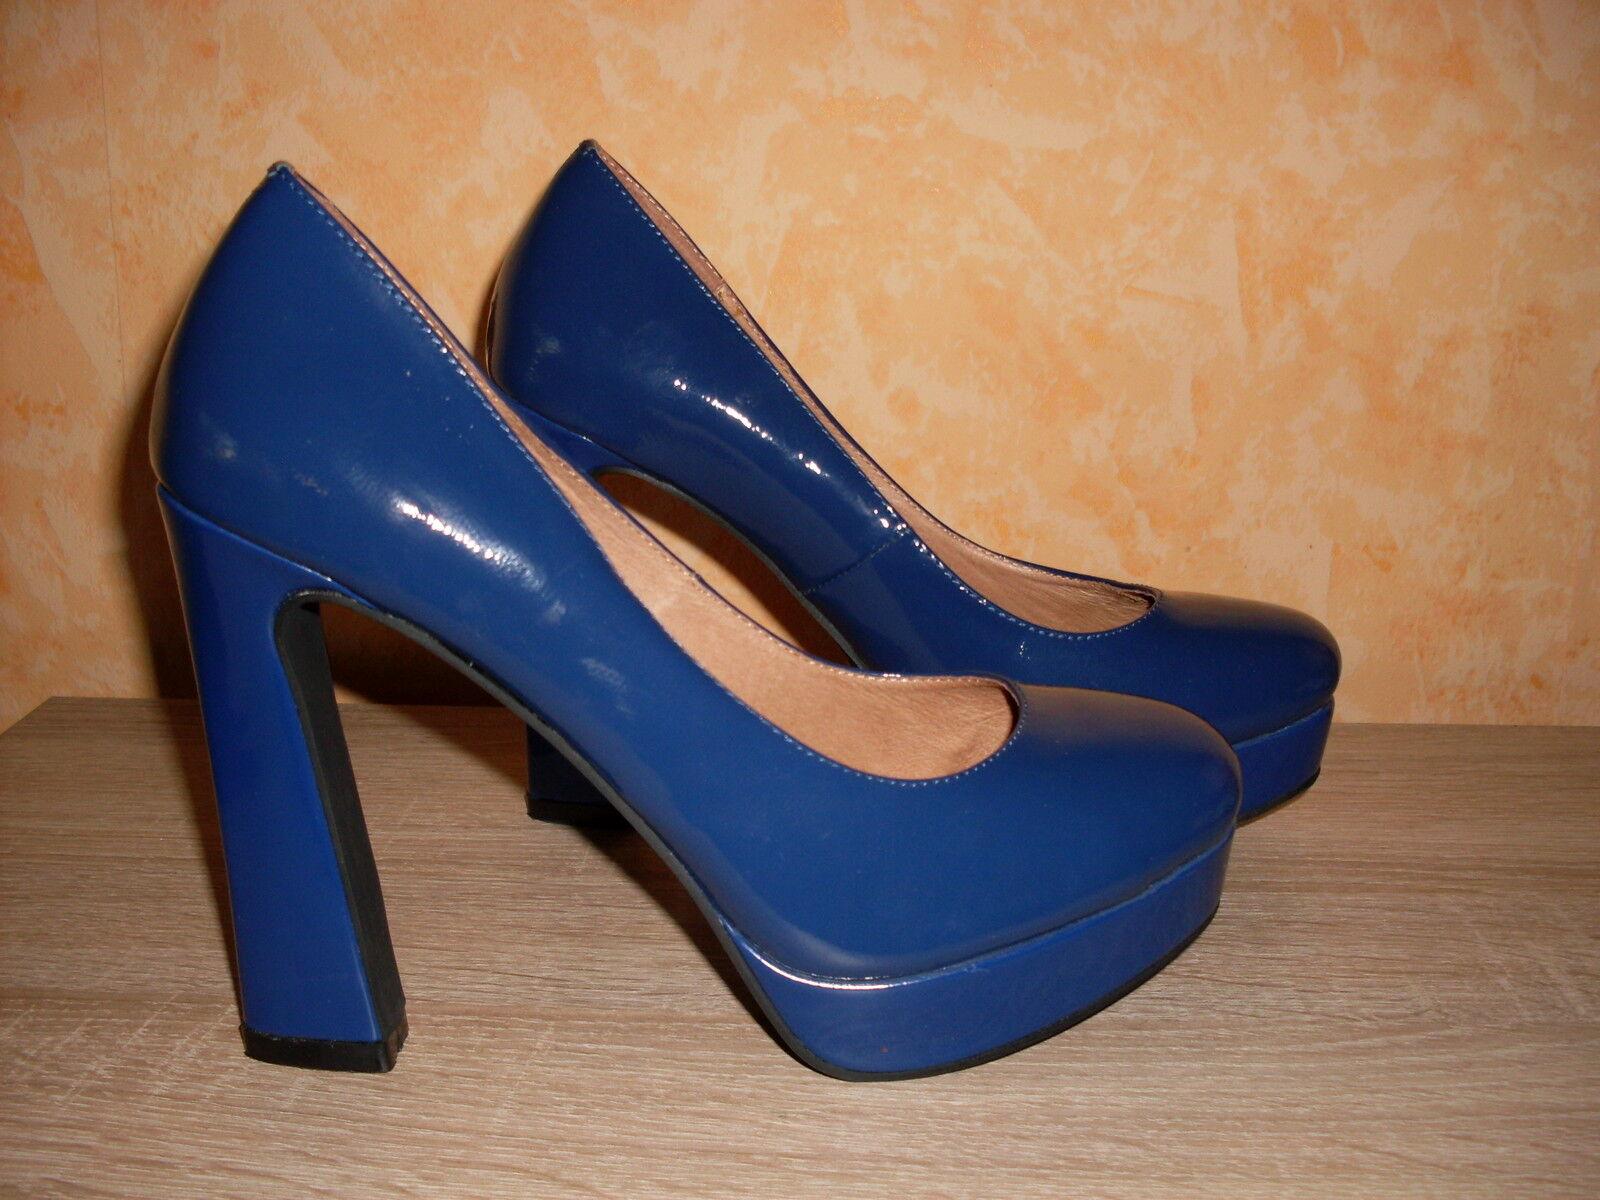 Designer Plateau Pumps NEU Gr. 40 in royal blau & Lackleder unbedingt ansehen!!